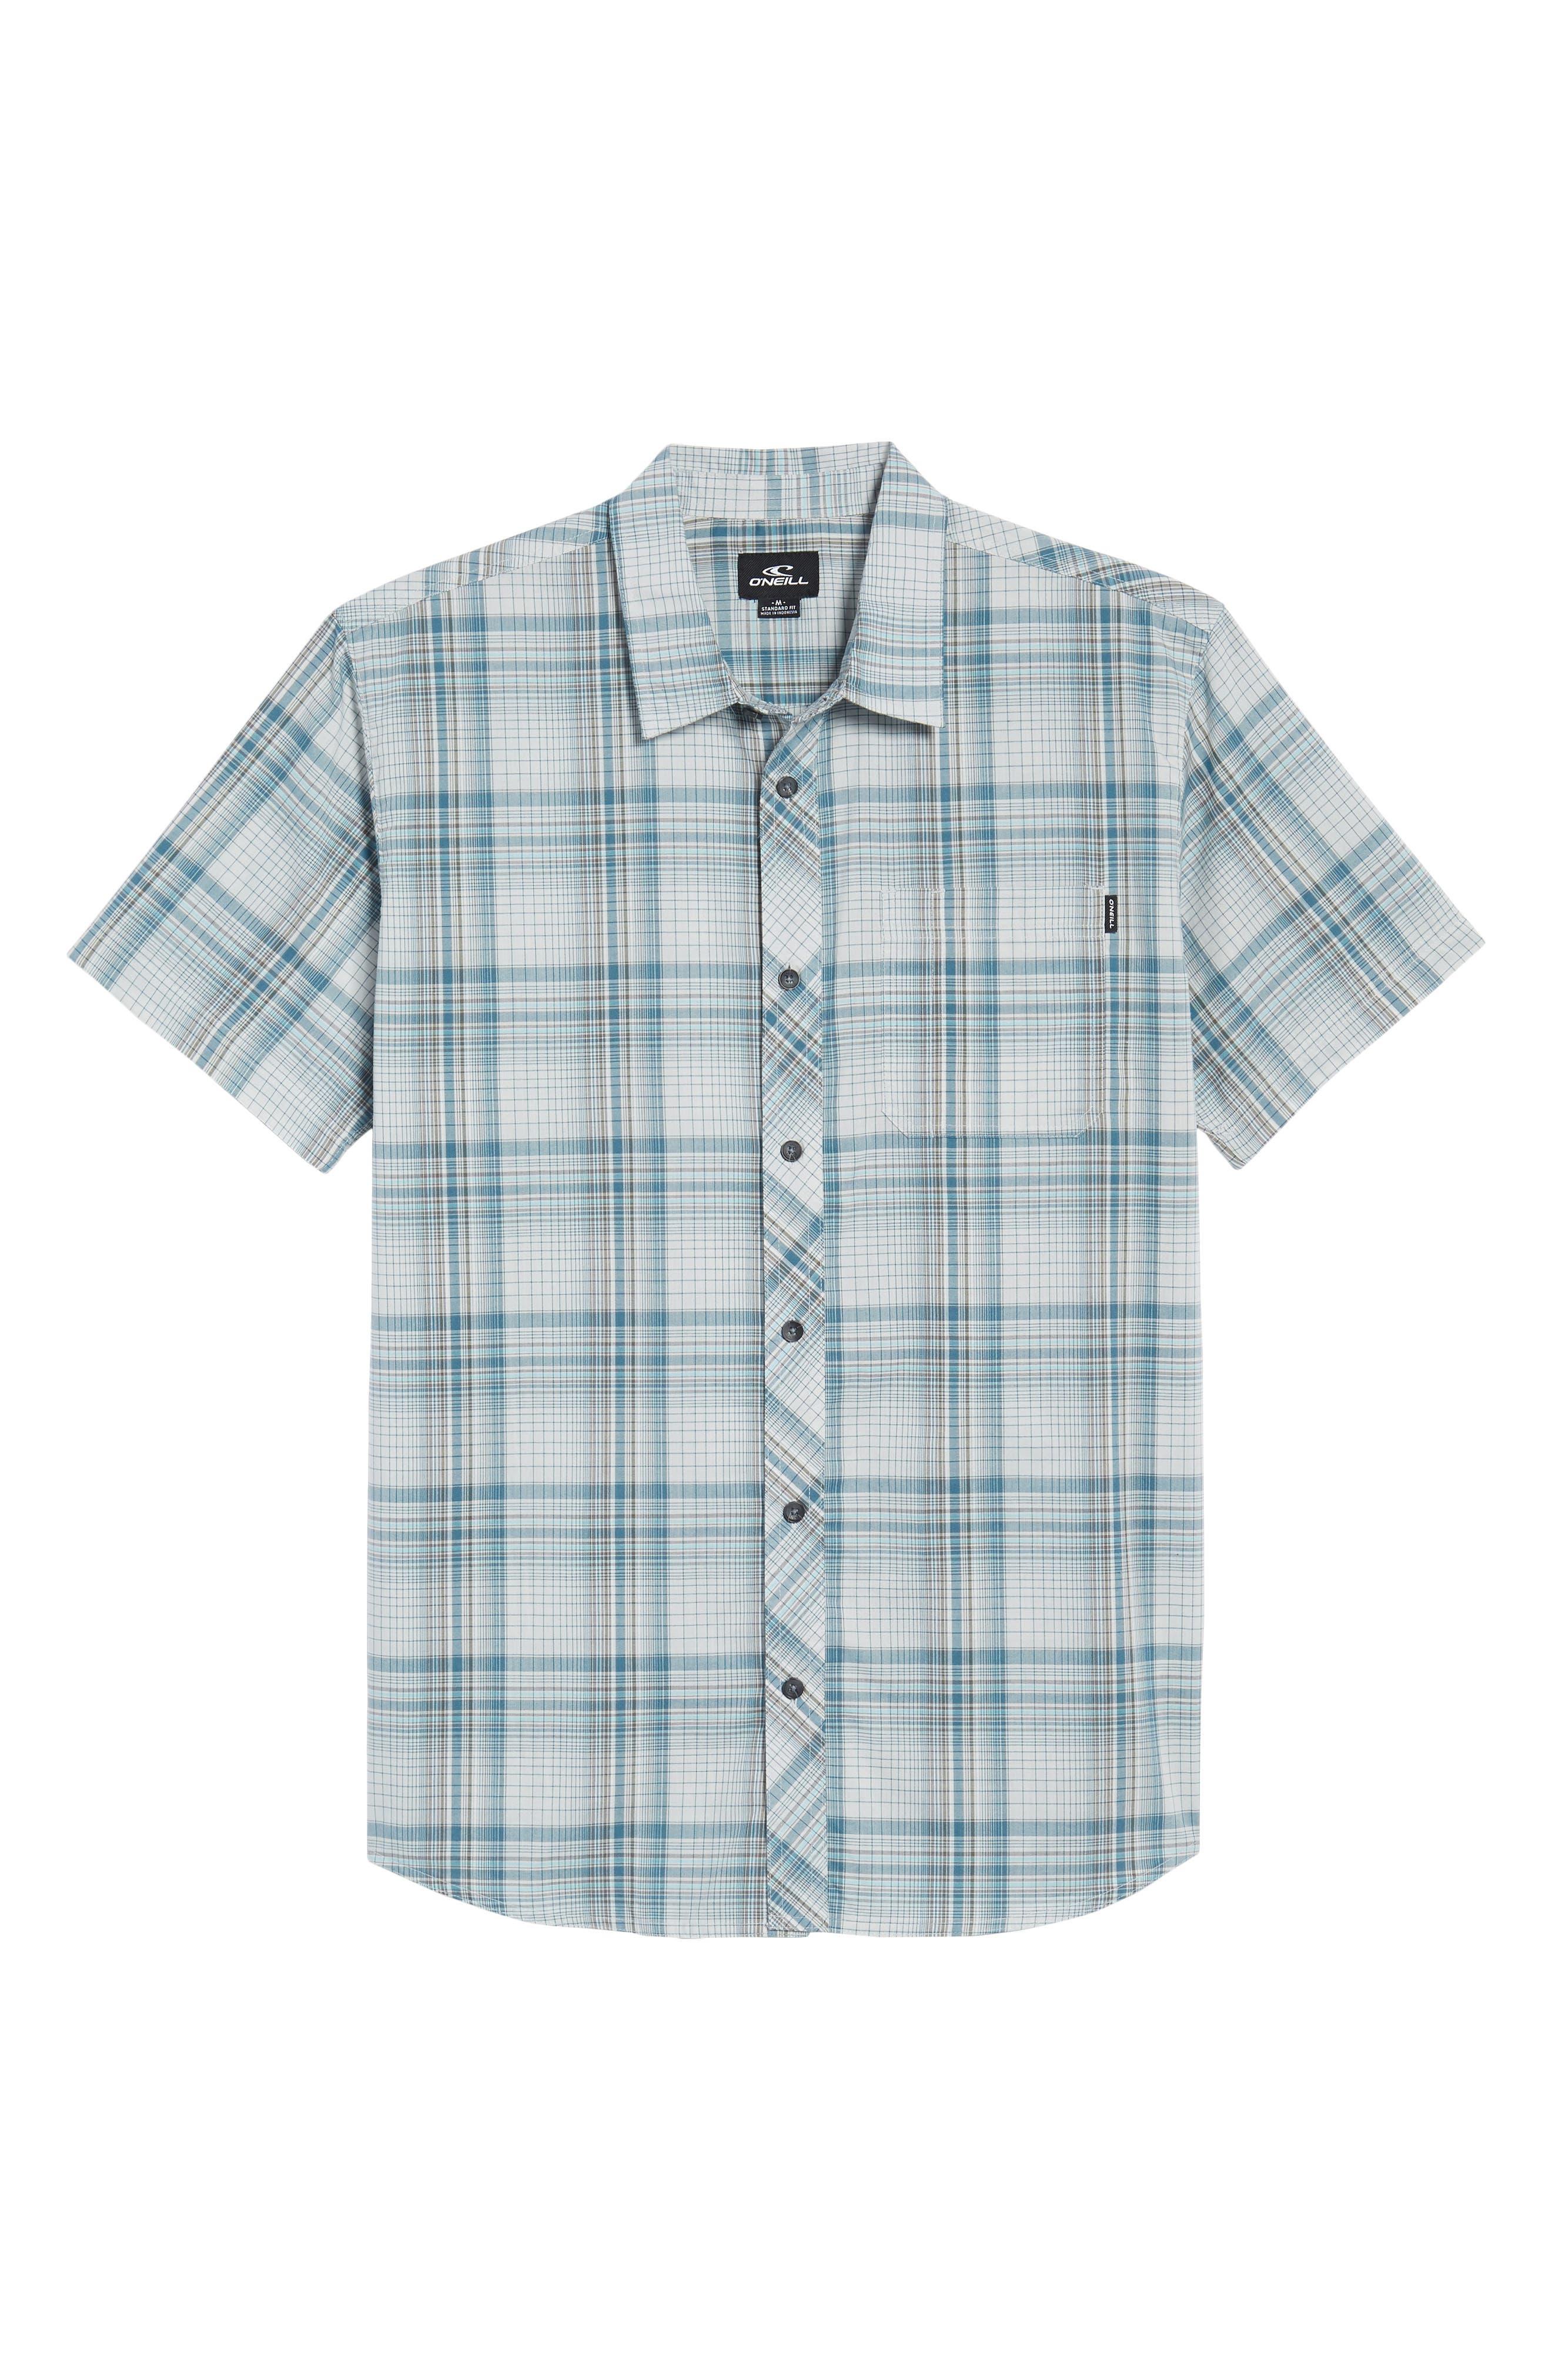 Gentry Short Sleeve Shirt,                             Alternate thumbnail 6, color,                             White